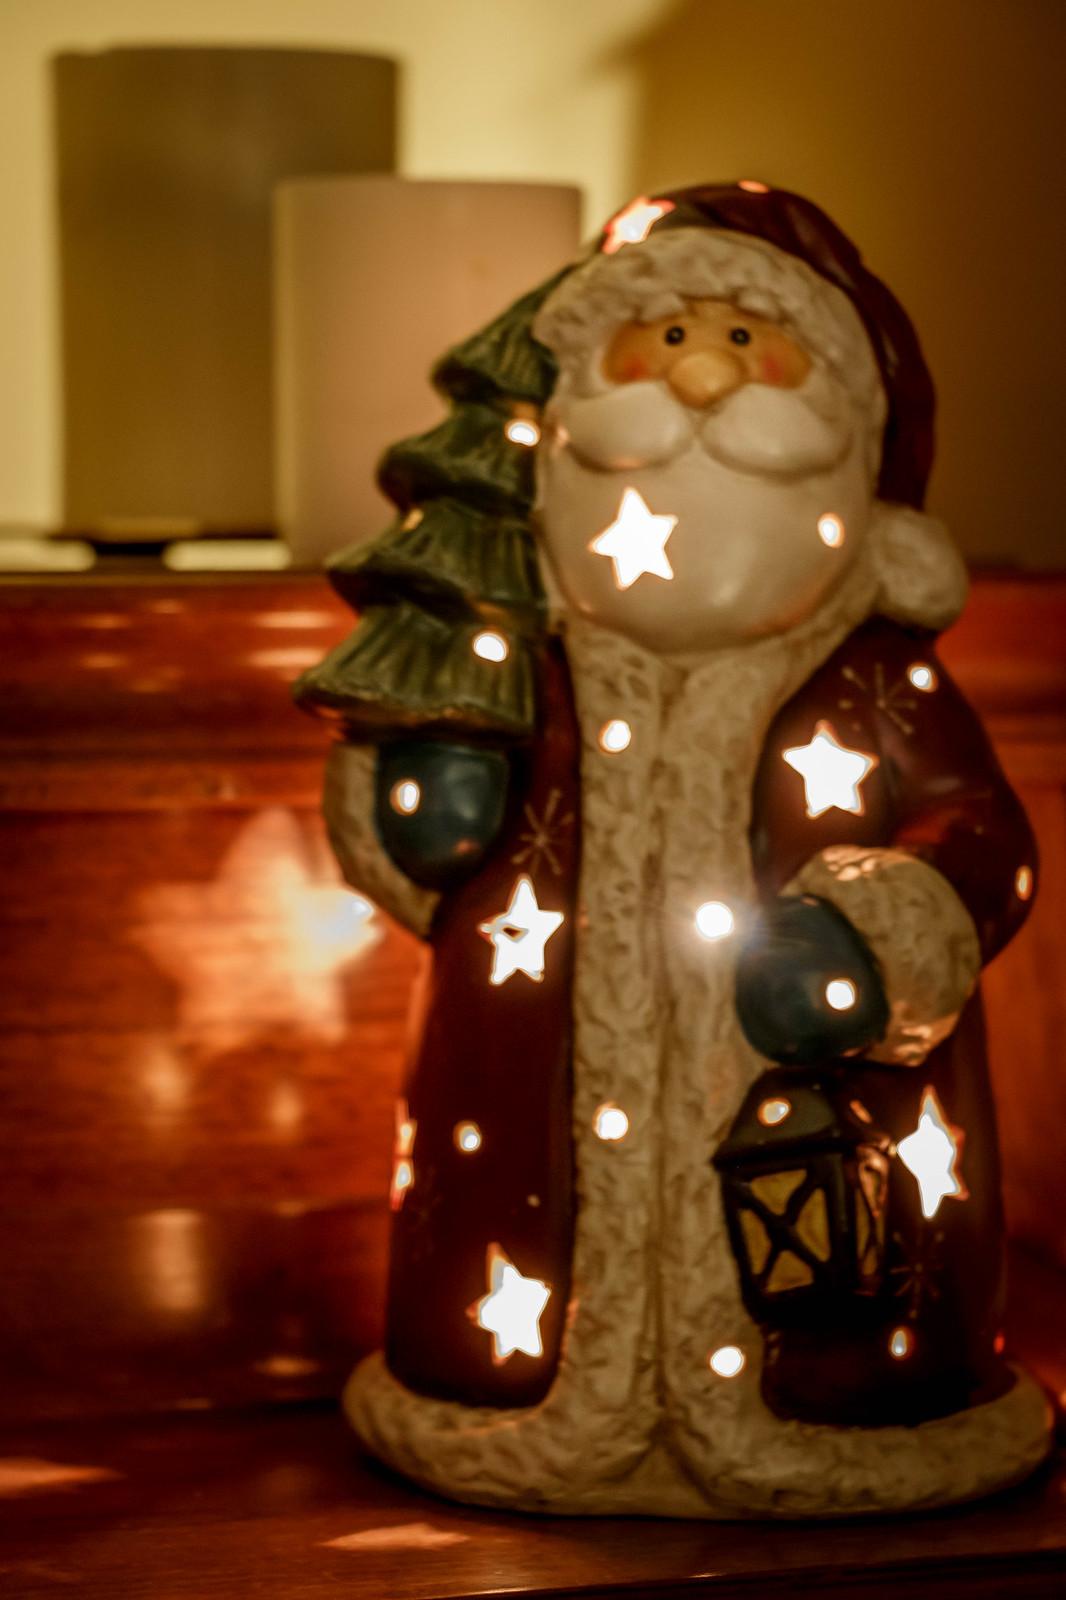 illuminated santa